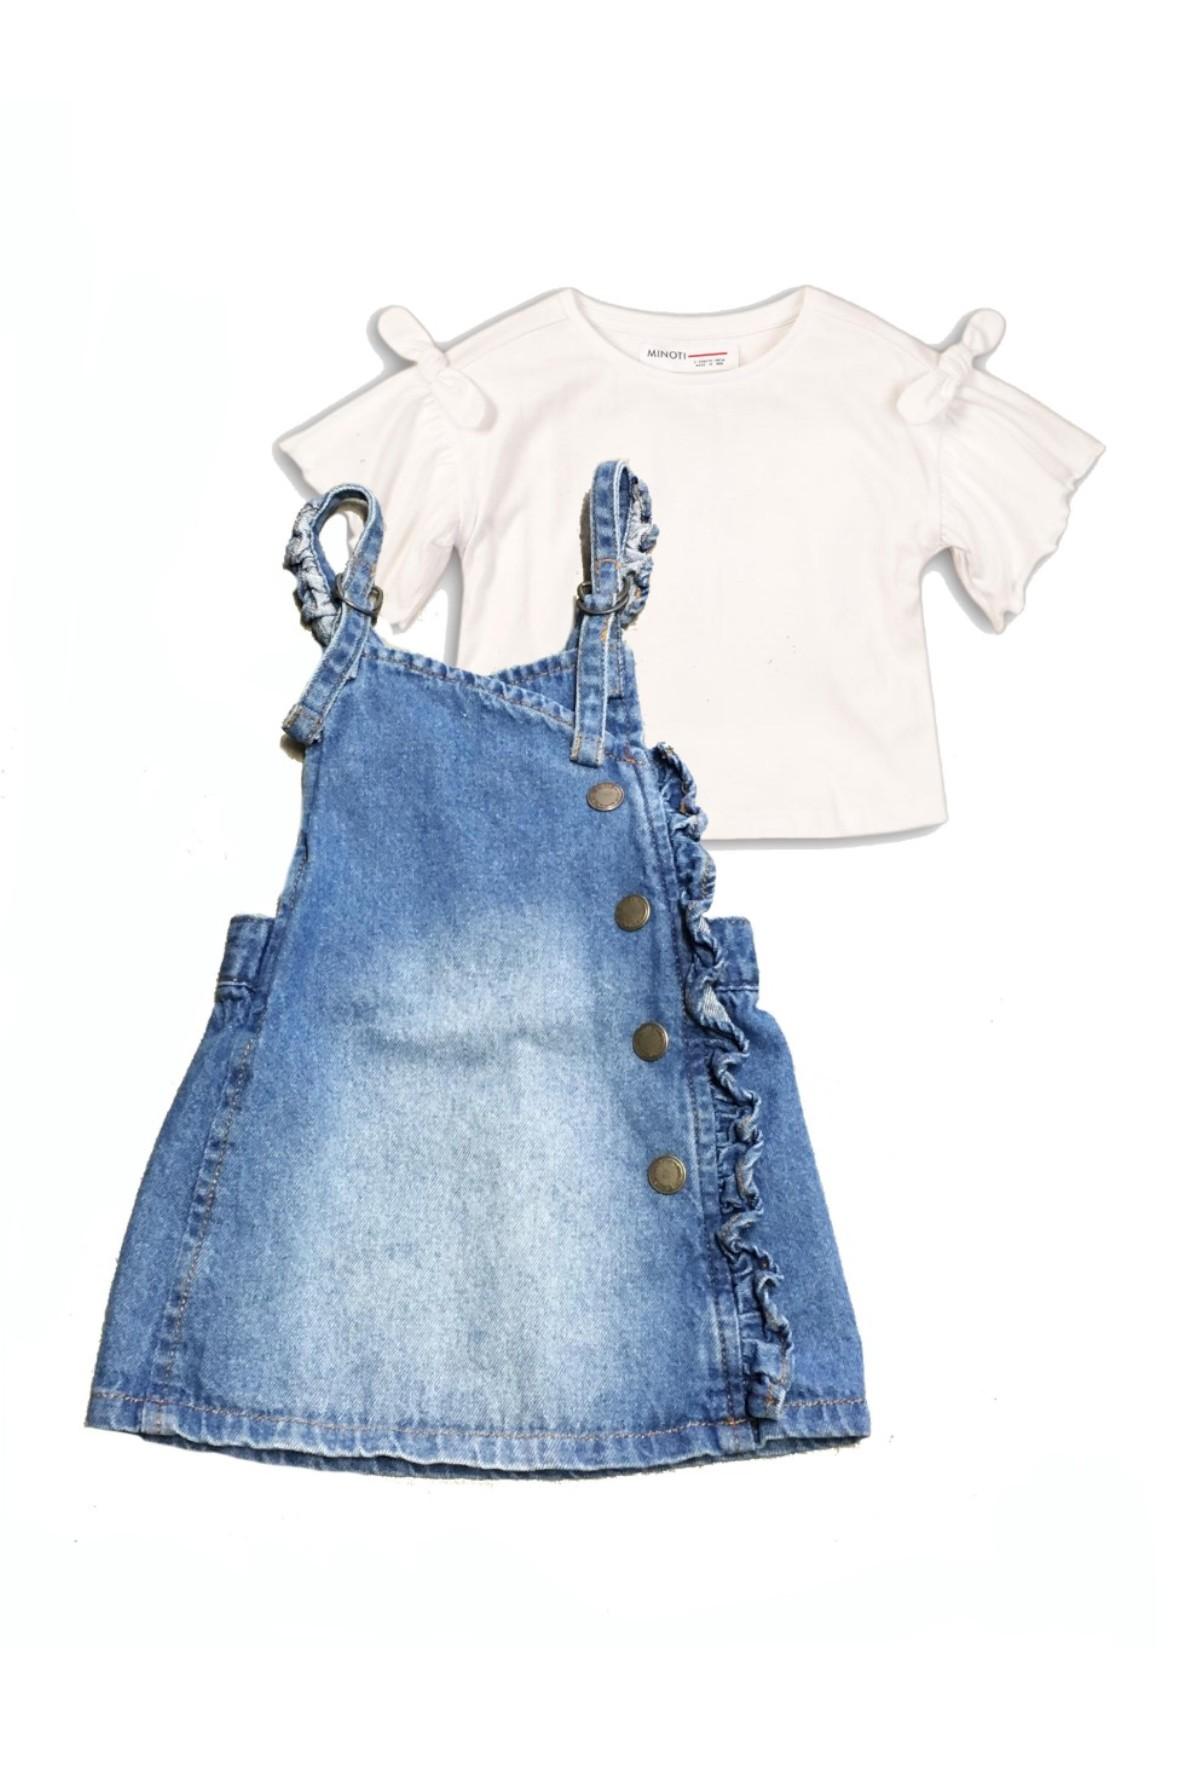 Komplet dziewczęcy koszulka + spódniczka ogrodniczka